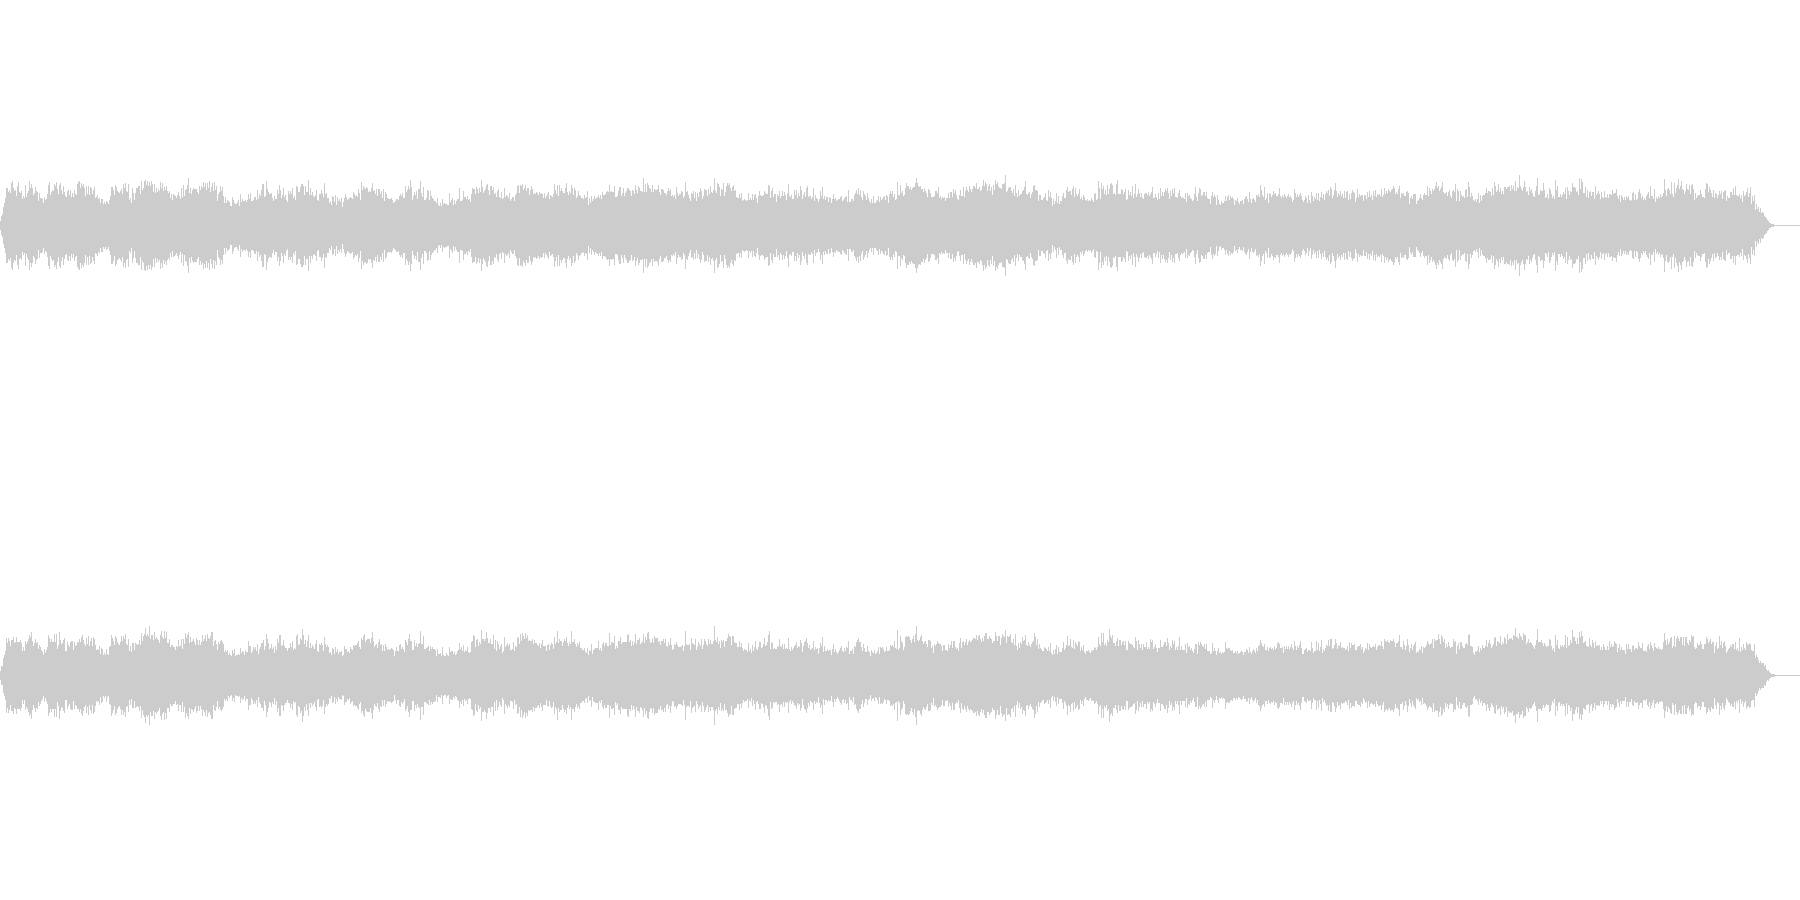 【風 合成 環境01-1】の未再生の波形